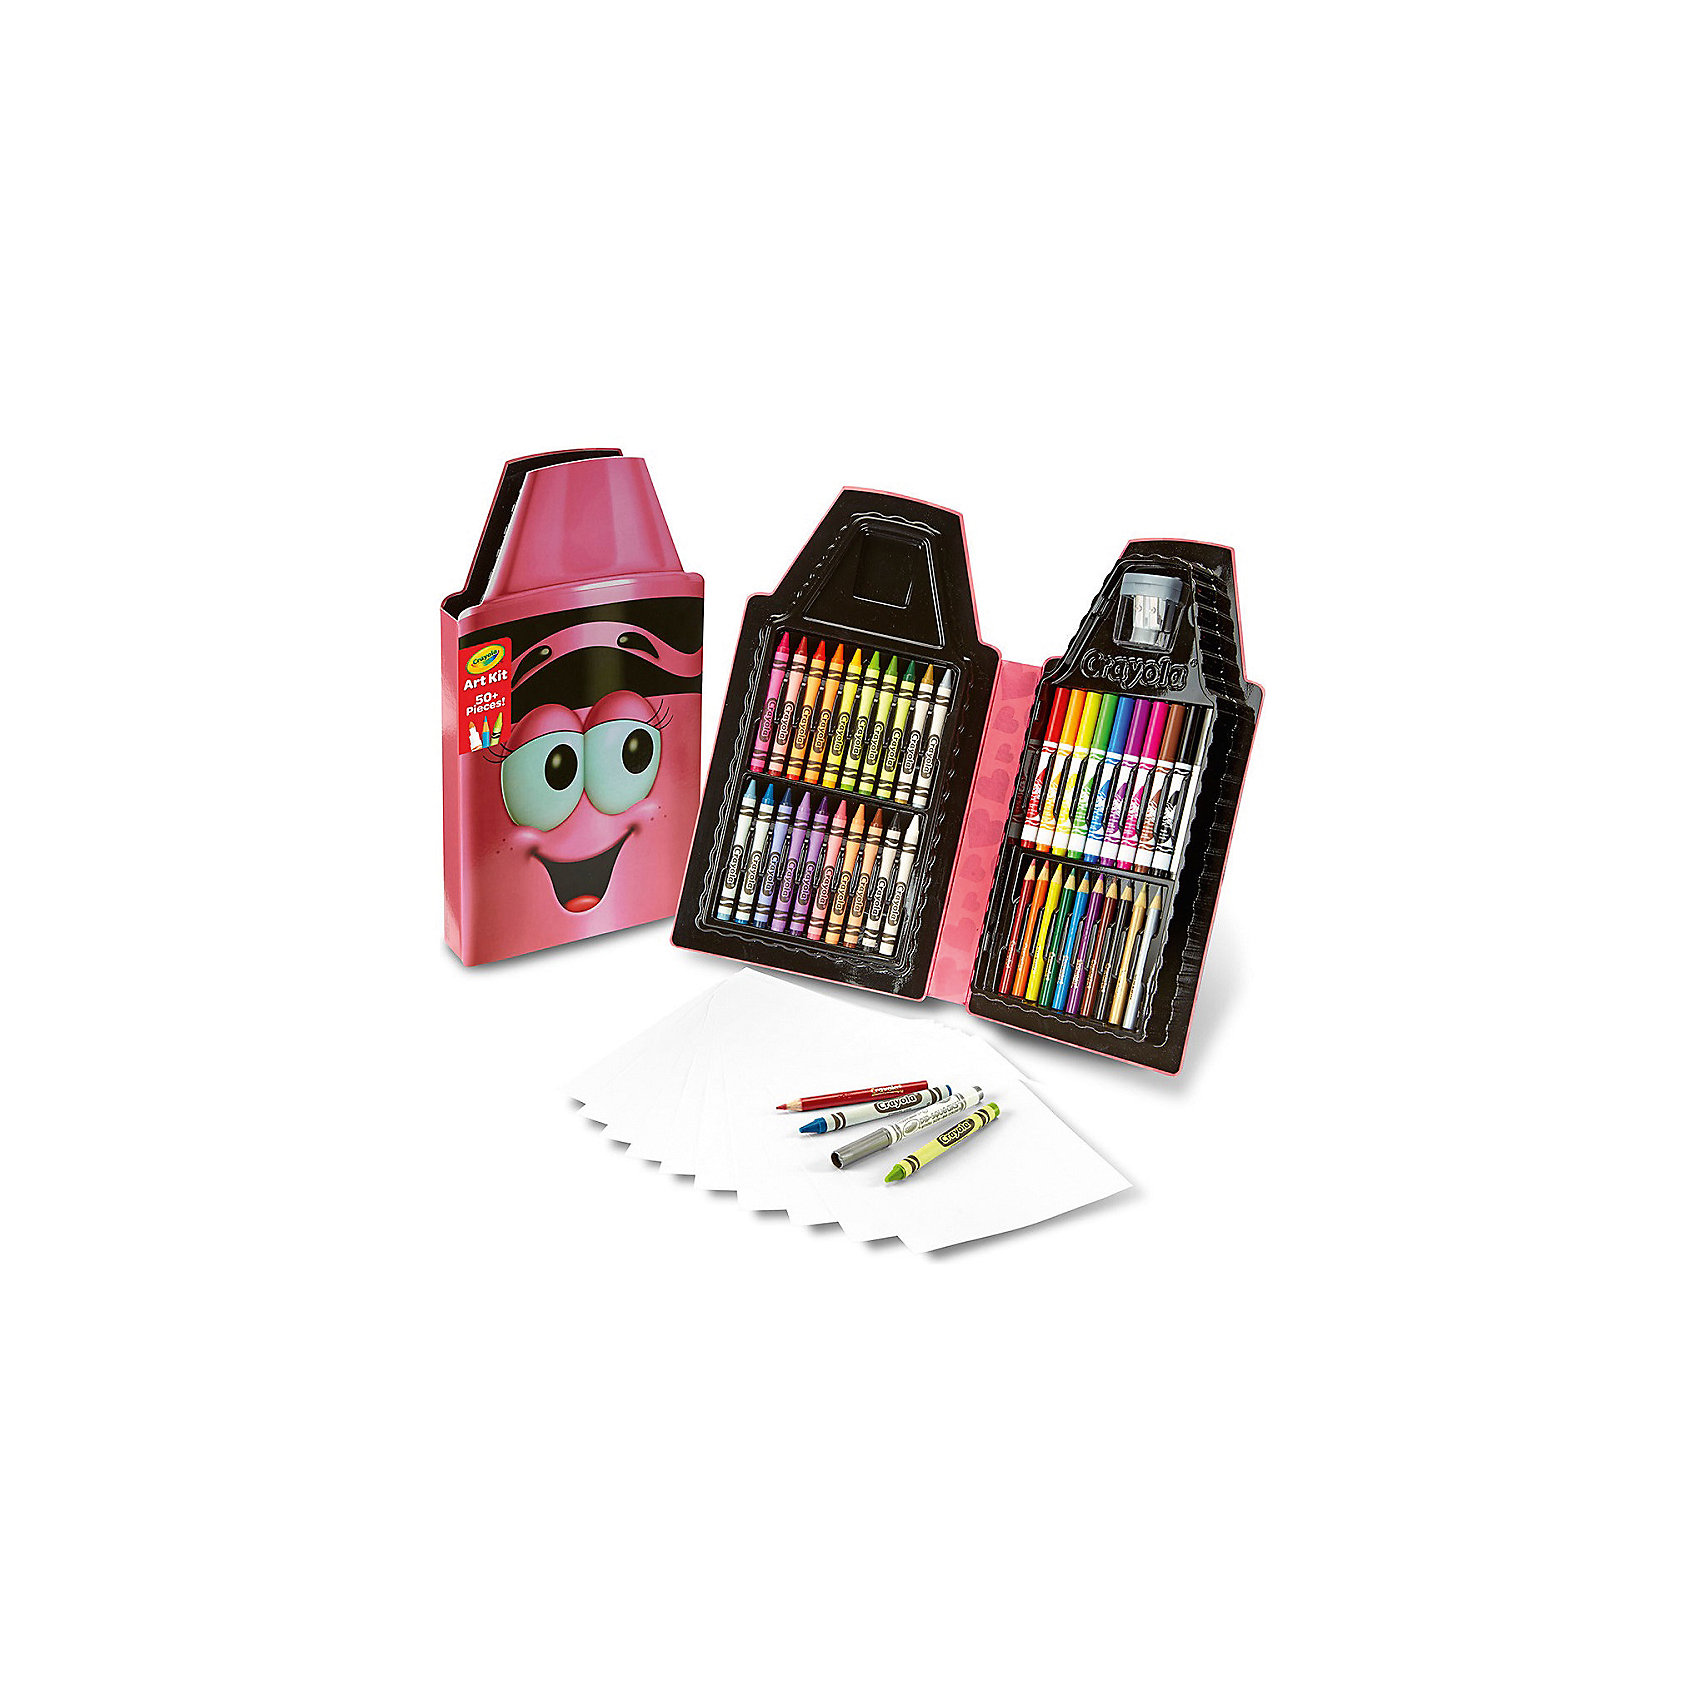 Набор для творчества Карандаш, розовый, CrayolaЦветные<br>Характеристики:<br><br>• возраст: от 5 лет<br>• в комплекте: 10 фломастеров, 10 карандашей, 20 восковых мелков, 10 листов бумаги, точилка;<br>• материал: пластик, бумага, дерево, воск;<br>• размер упаковки: 17,5х3х32 см;<br>• вес: 360 грамм.<br><br>«Карандаш» Crayola - универсальный набор для детского творчества. В комплект входят 10 цветных карандашей, 10 фломастеров, 20 восковых мелков, чистые листы бумаги и точилка. <br><br>Мягкая текстура равномерно ложится на поверхность, оставляя за собой яркий цвет. Если ребенок испачкается, след от фломастеров и карандашей легко смывается водой.<br><br>Точилка оснащена двумя отверстиями разного размера. С помощью точилки ребенок сможет заточить любые карандаши или мелки. <br><br>Упаковка выполнена в виде веселого карандаша. Юный художник всегда сможет взять с собой всё, что нужно для создания шедевров.<br><br>Набор для творчества Карандаш, розовый, Crayola (Крайола) можно купить в нашем интернет-магазине.<br><br>Ширина мм: 320<br>Глубина мм: 30<br>Высота мм: 175<br>Вес г: 360<br>Возраст от месяцев: 60<br>Возраст до месяцев: 2147483647<br>Пол: Женский<br>Возраст: Детский<br>SKU: 5574415